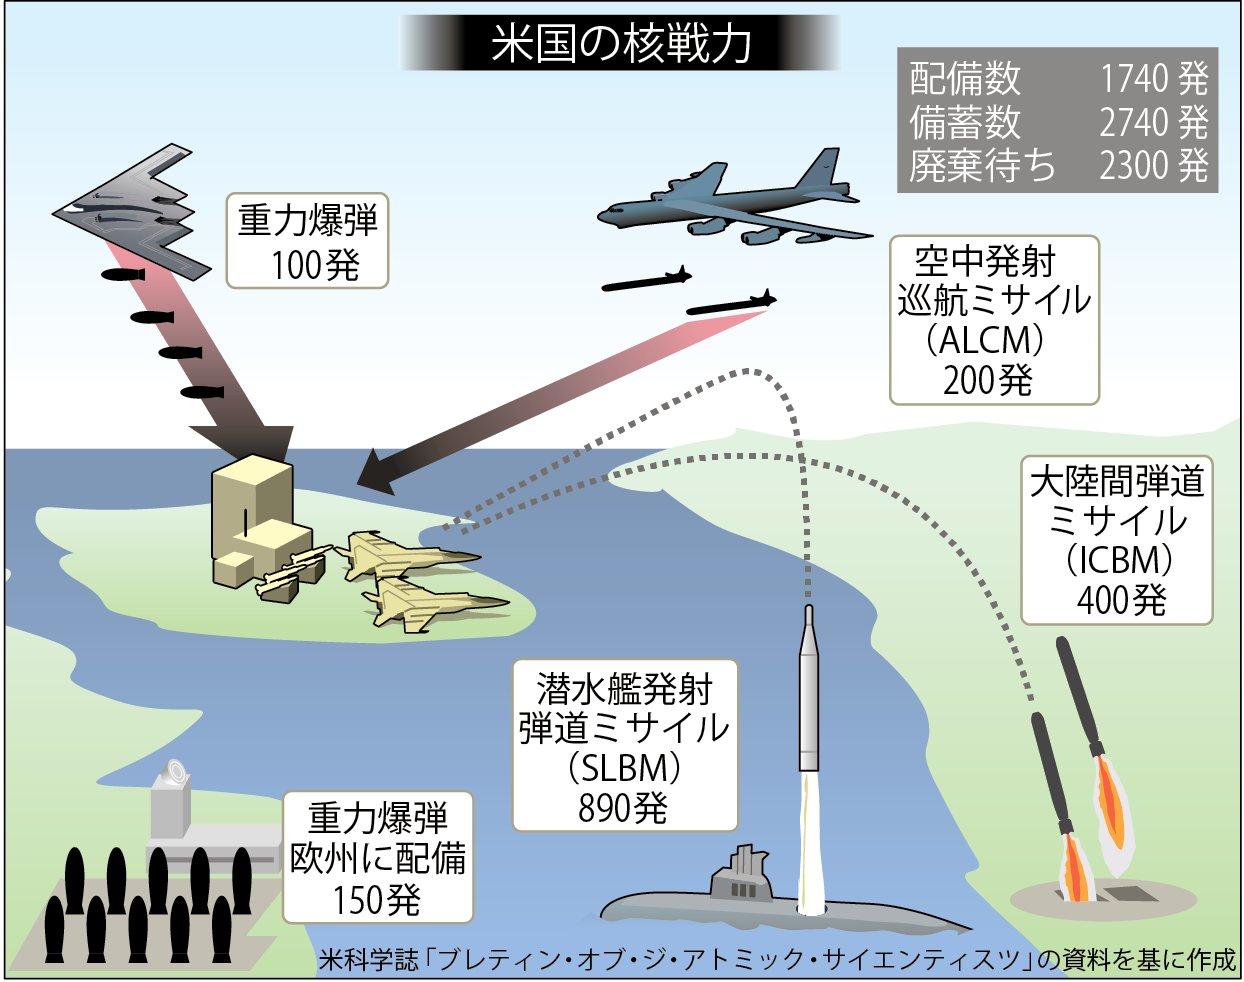 電子版】米、トマホーク後継の核巡航ミサイル開発へ 太平洋配備で日本 ...